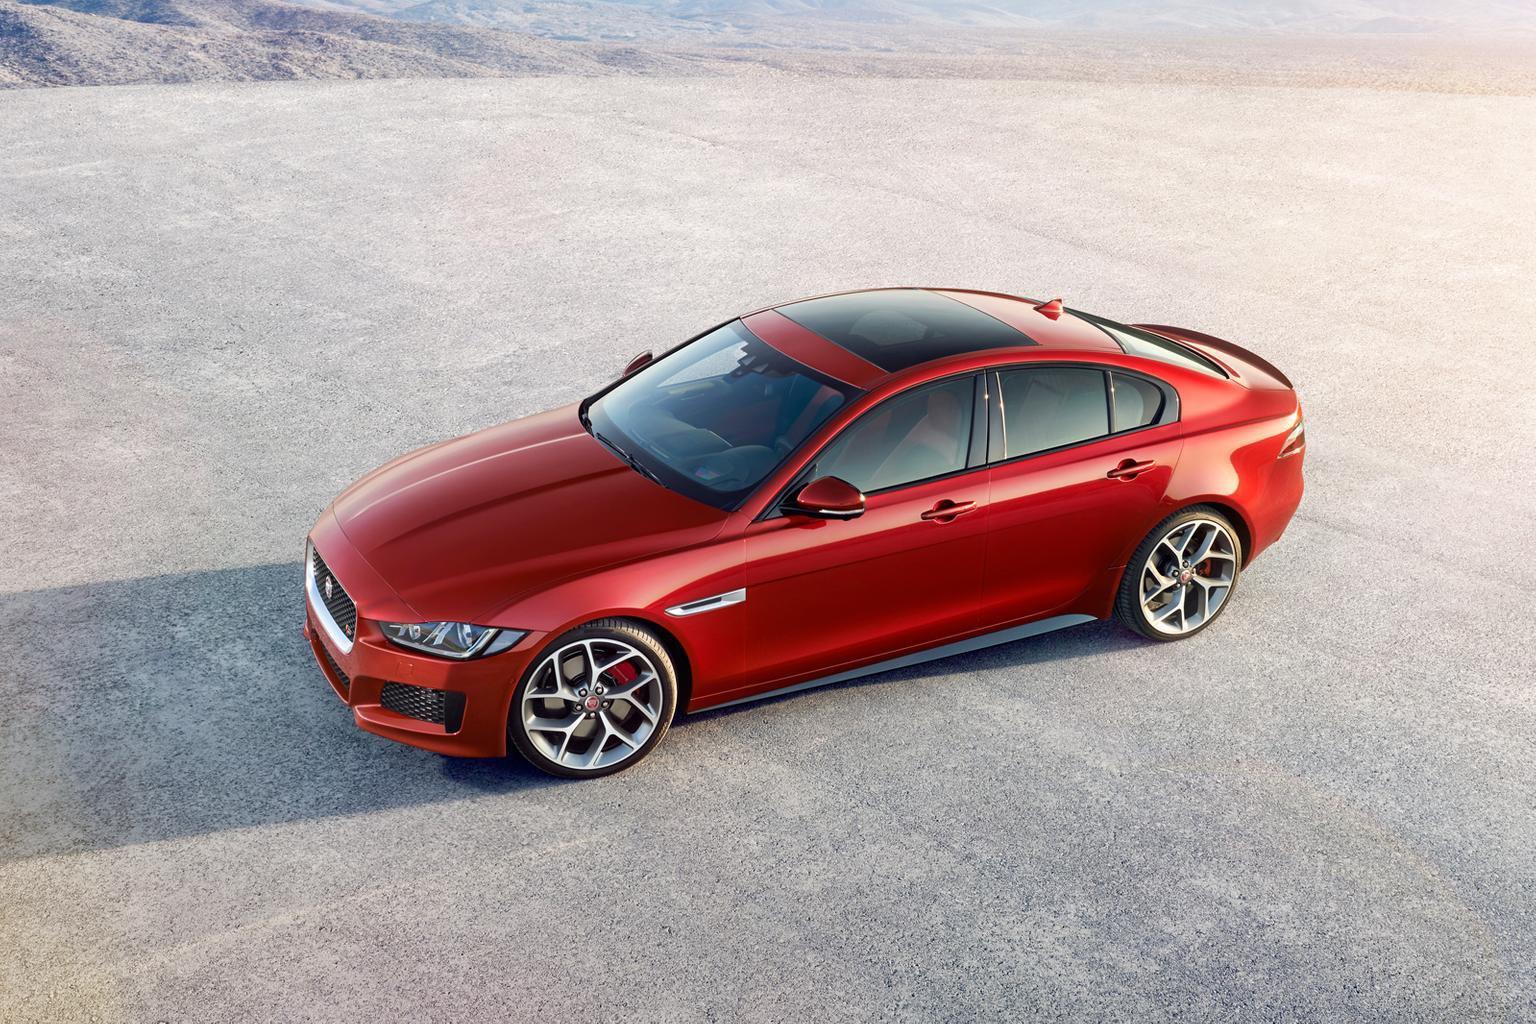 Jaguar plans to keep XE discounts low